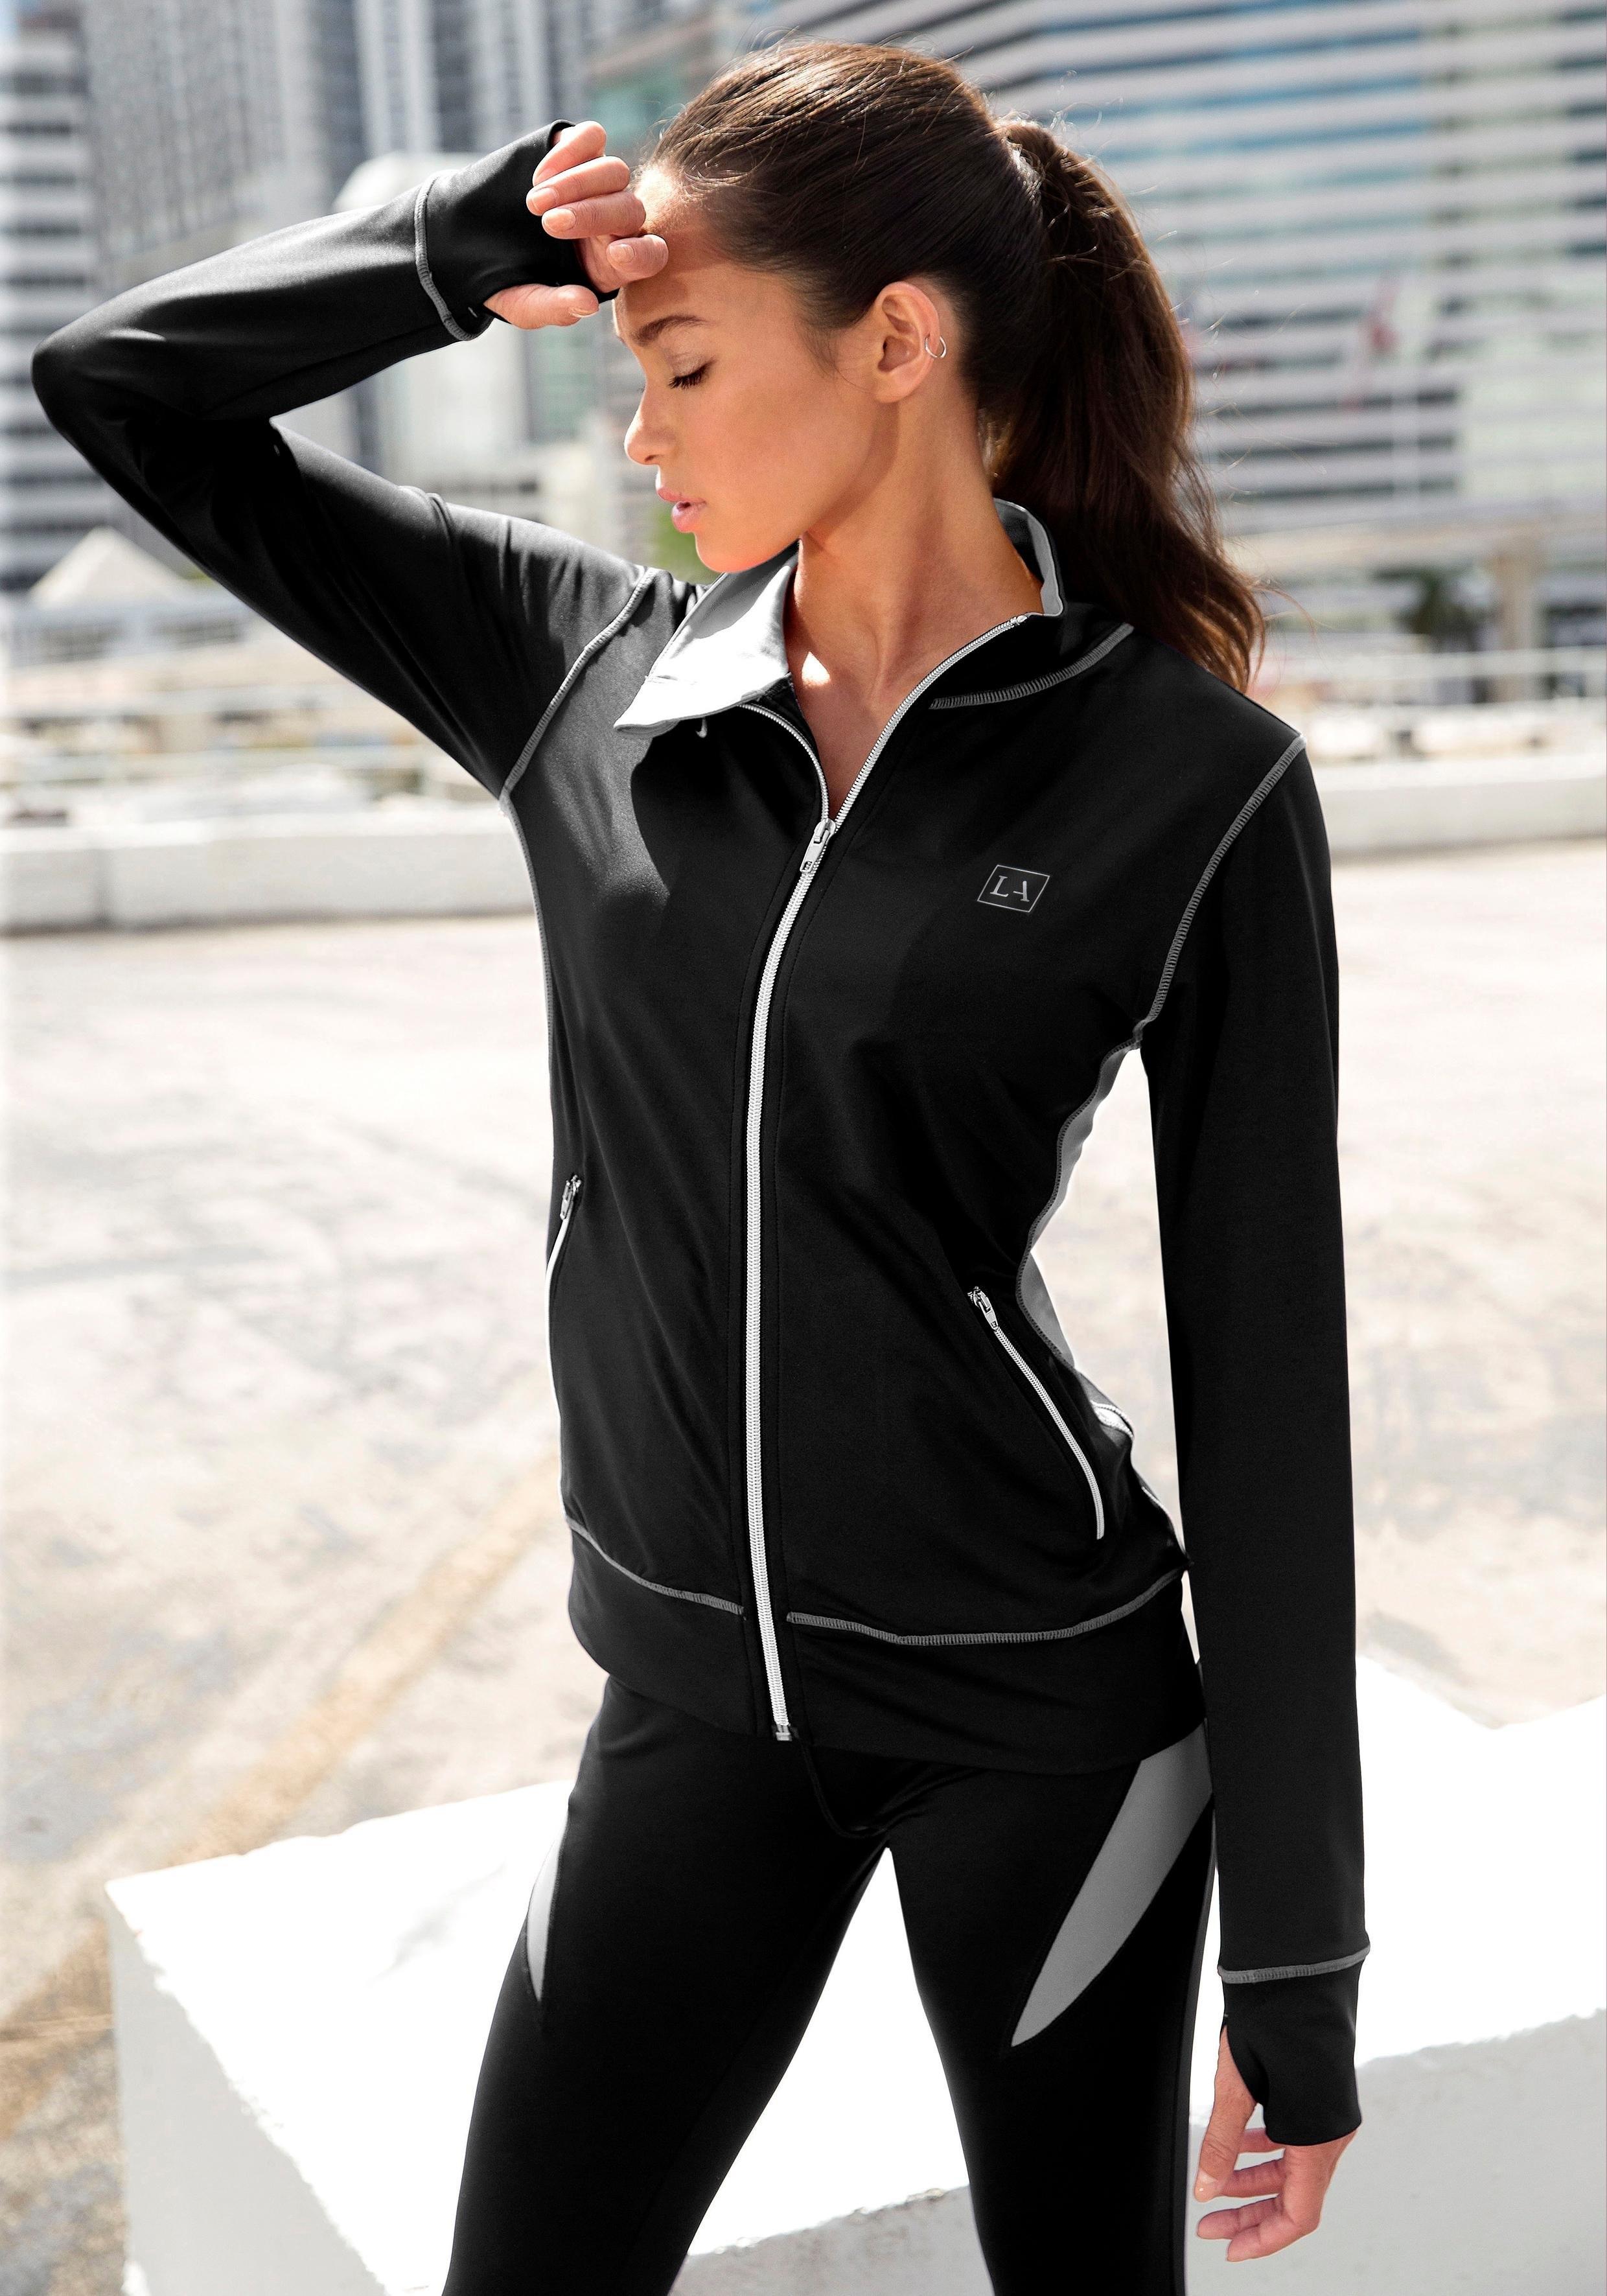 Lascana Active active by LASCANA jasje met rits in zwart met contrastnaden - verschillende betaalmethodes